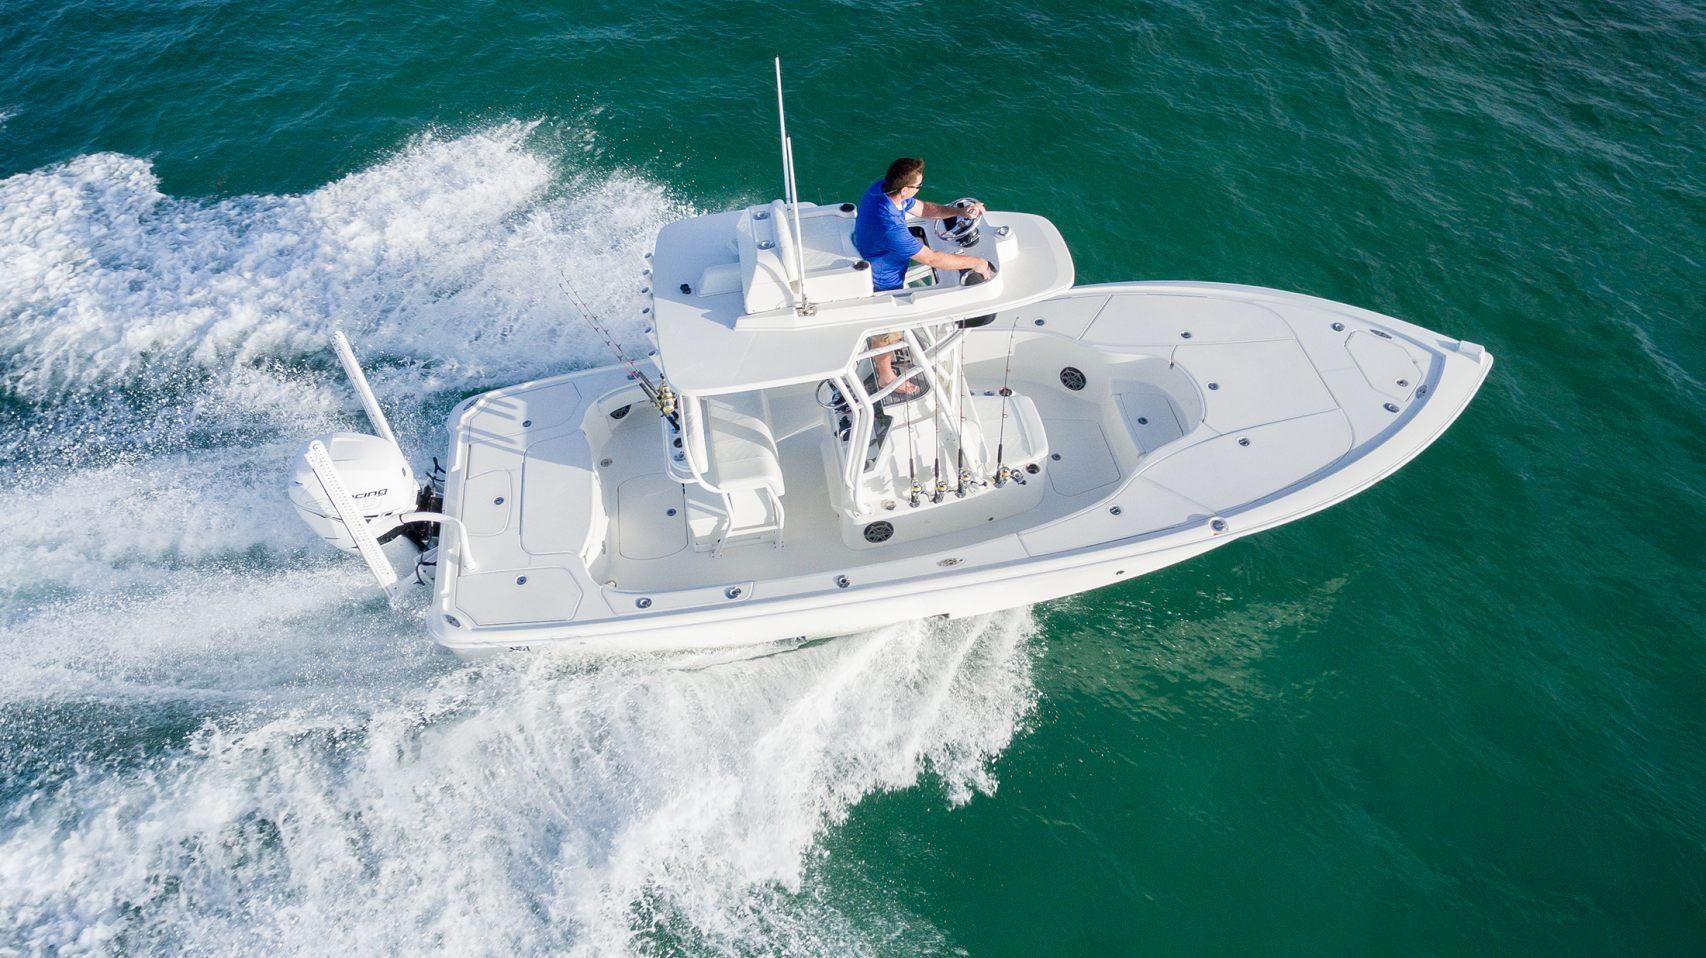 270Z Model Info - SeaVee Boats